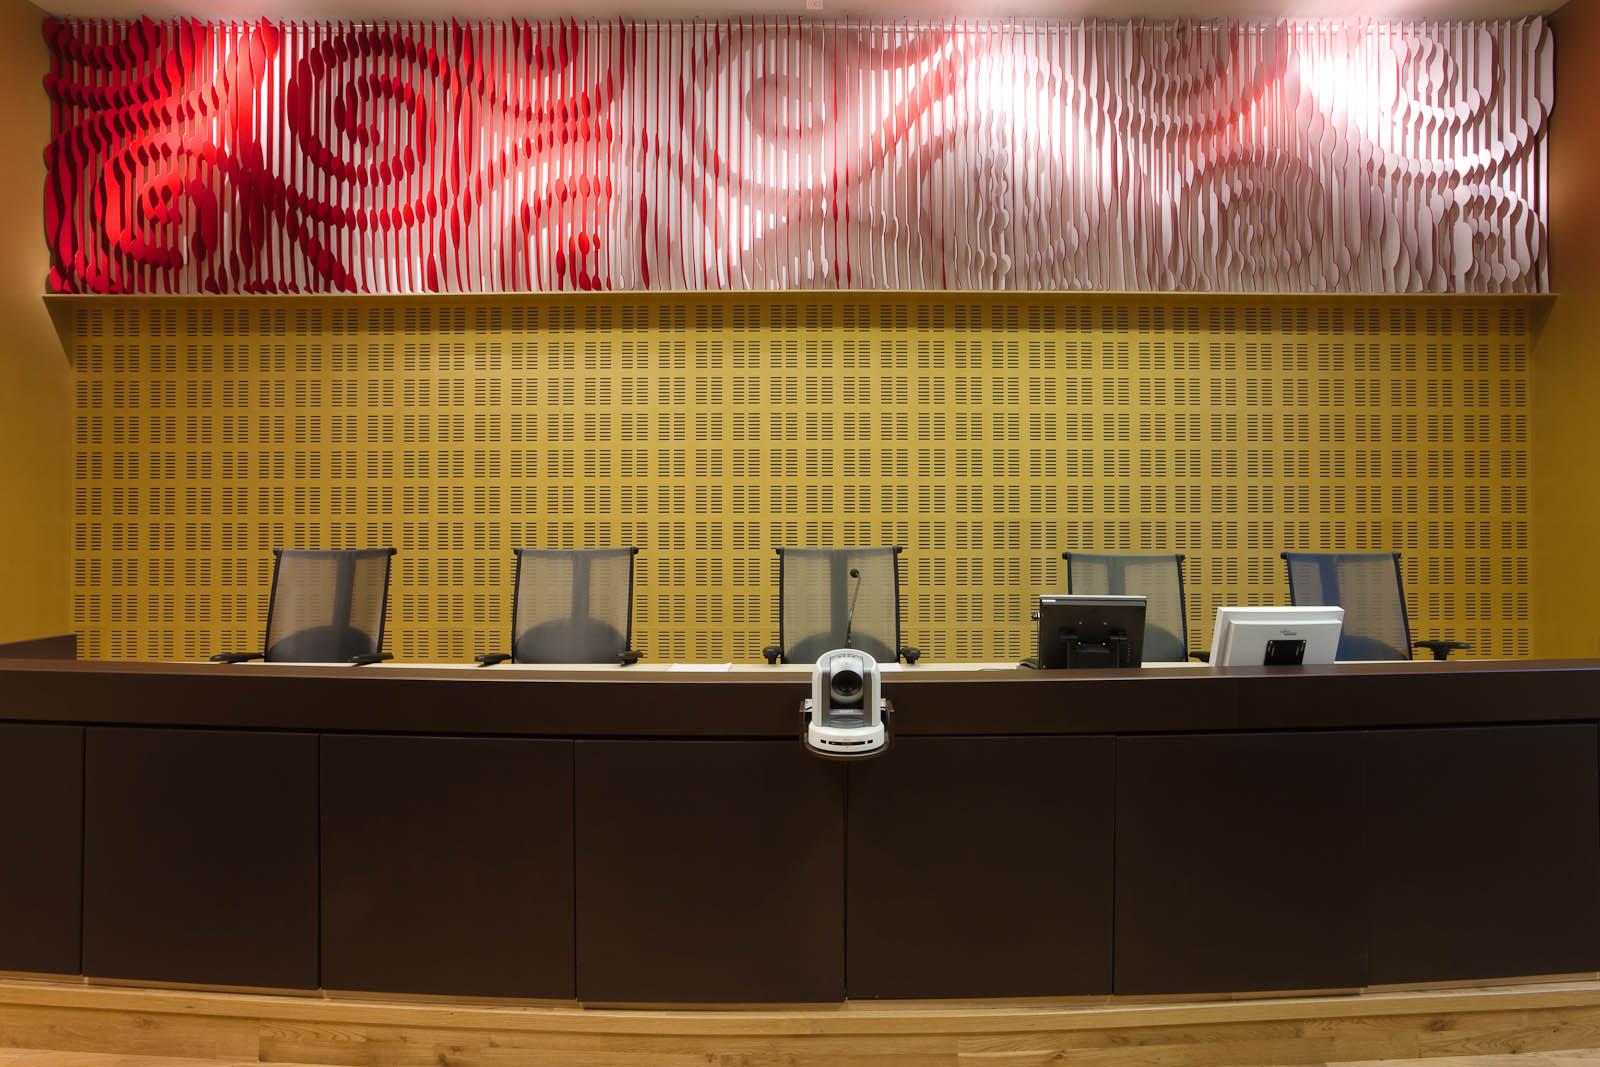 Panel på väggen ovanför domarbordet. Röd-vitt med utskurna spiralliknande mönster. May Bente Aronsen, Lyssnande vägg